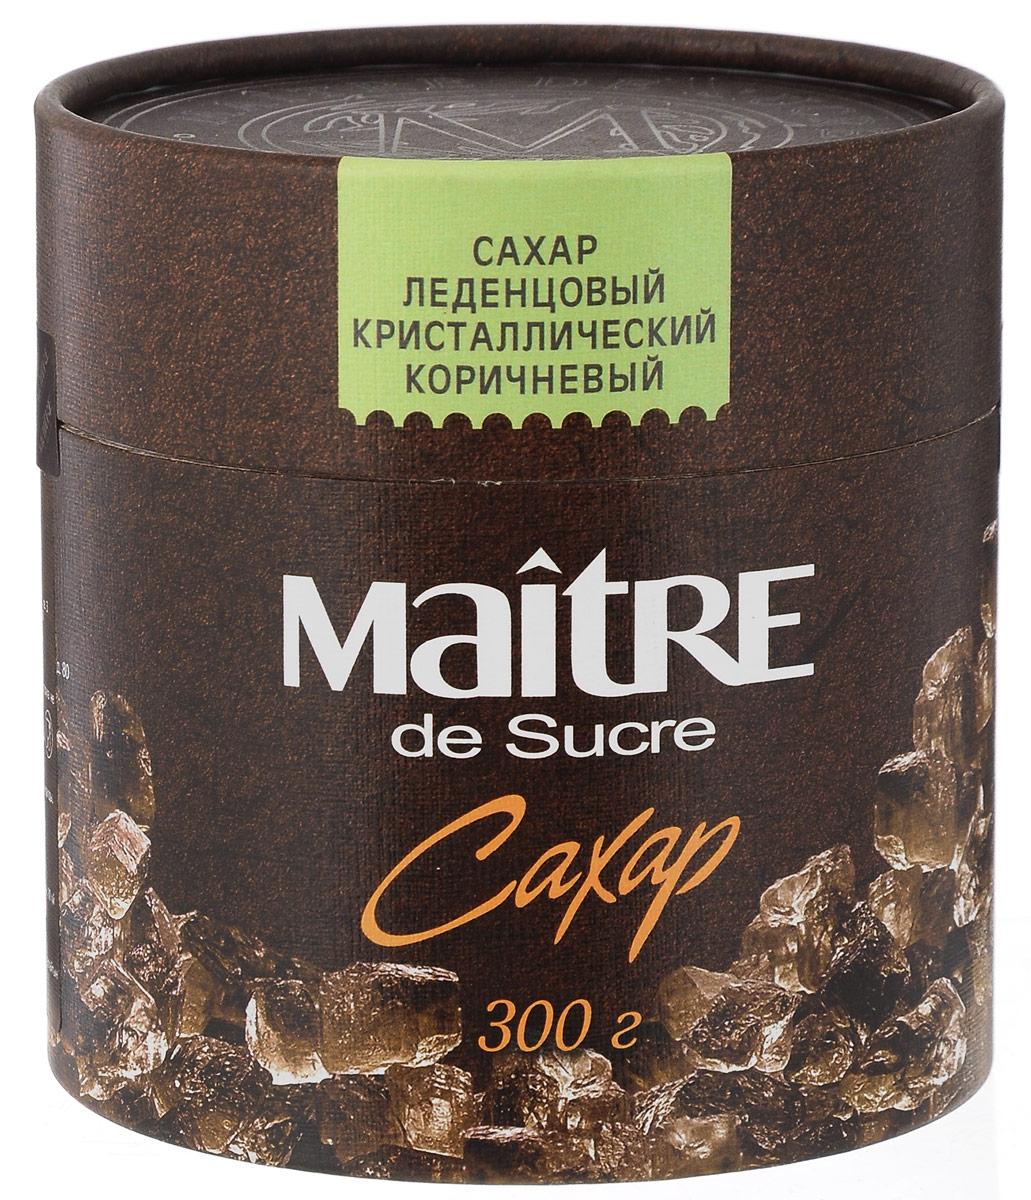 Maitre de Sucre сахар леденцовый коричневый кристаллический, 300 г